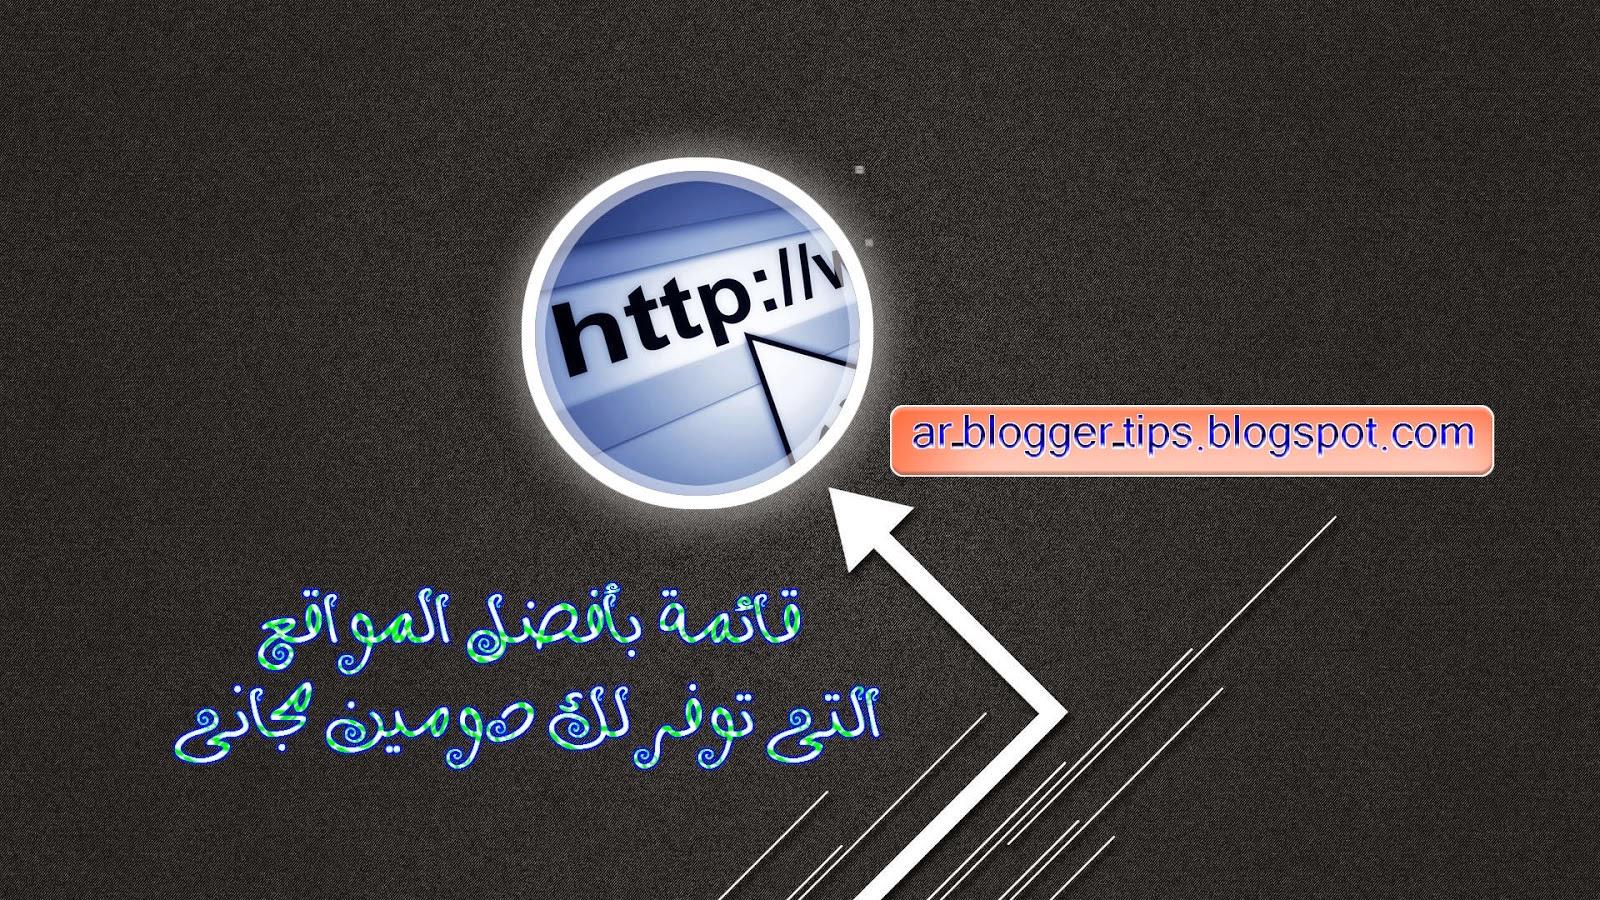 افصل 7 مواقع للحصول على دومين مجانى لمدونتك او موقعك